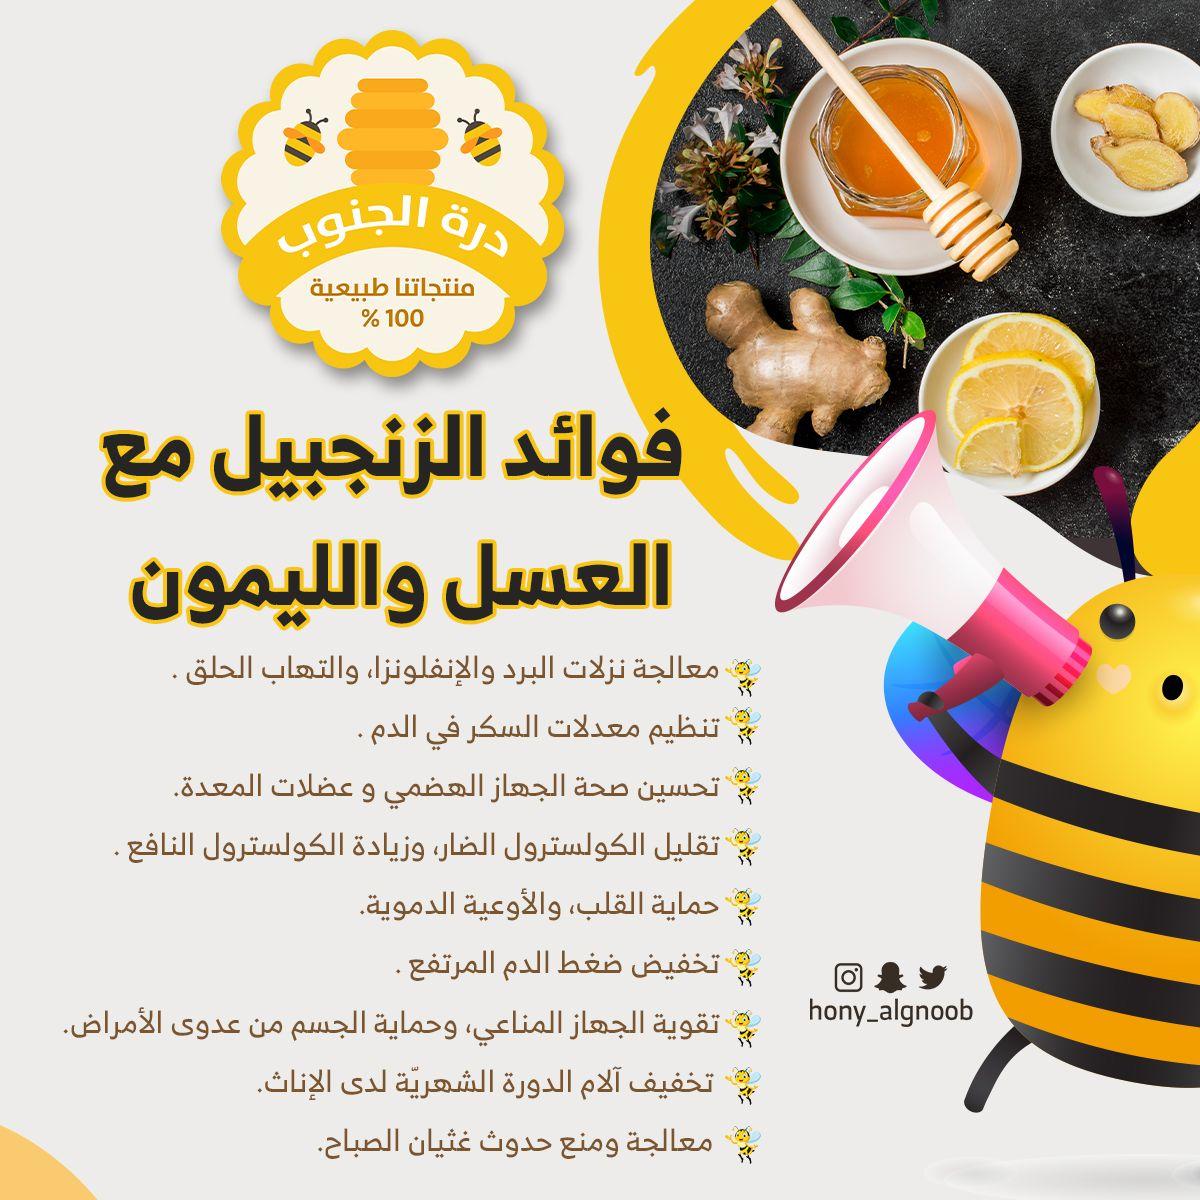 عسل الزهور فوائد الزنجبيل والعسل والليمون عسل درة الجنوب علاج البرد حماية القلب علاج الضغط Agoi Arabi Cute Love